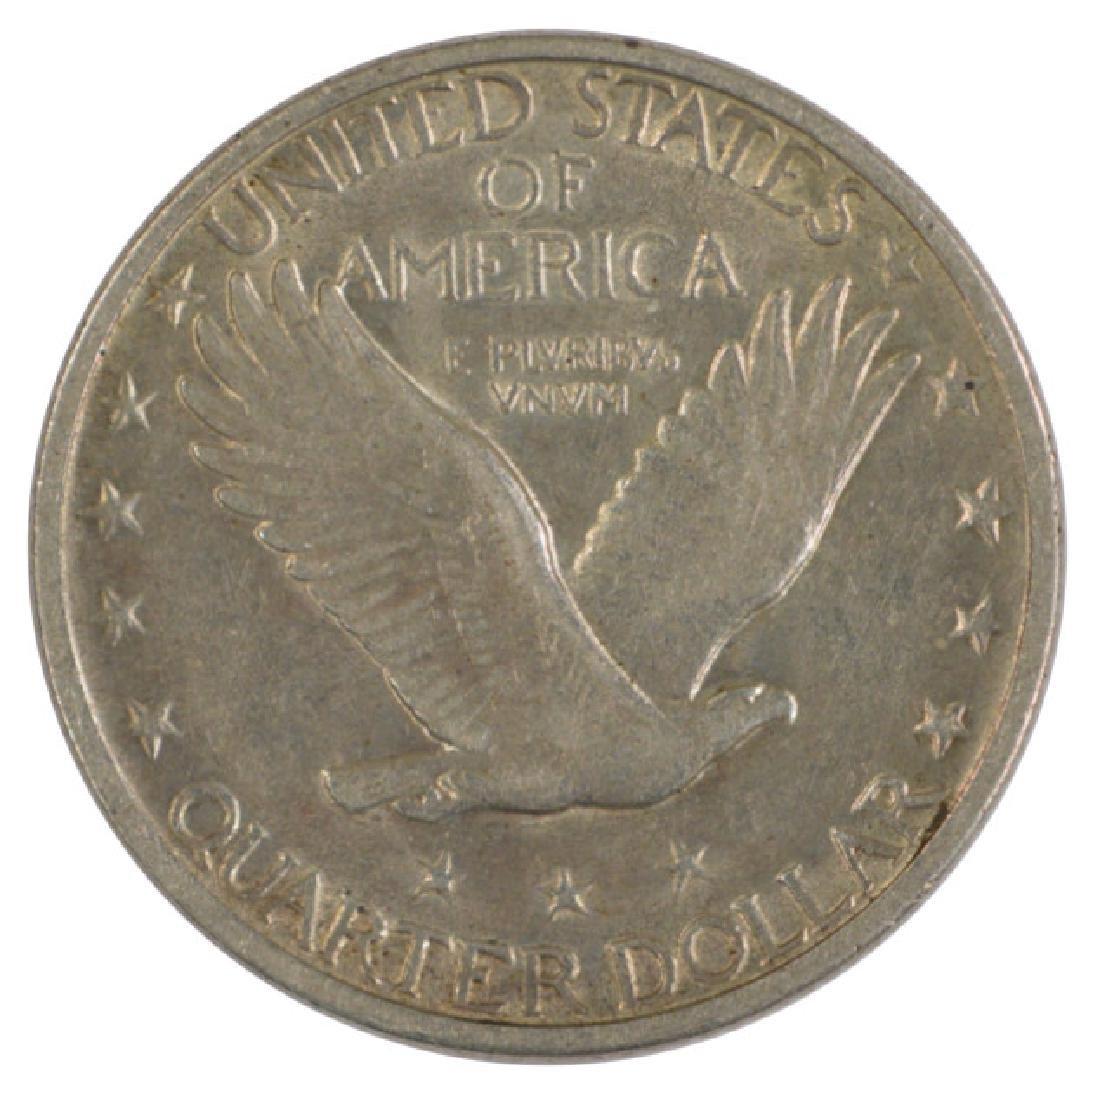 1929-D Standing Liberty Quarter Coin - 2